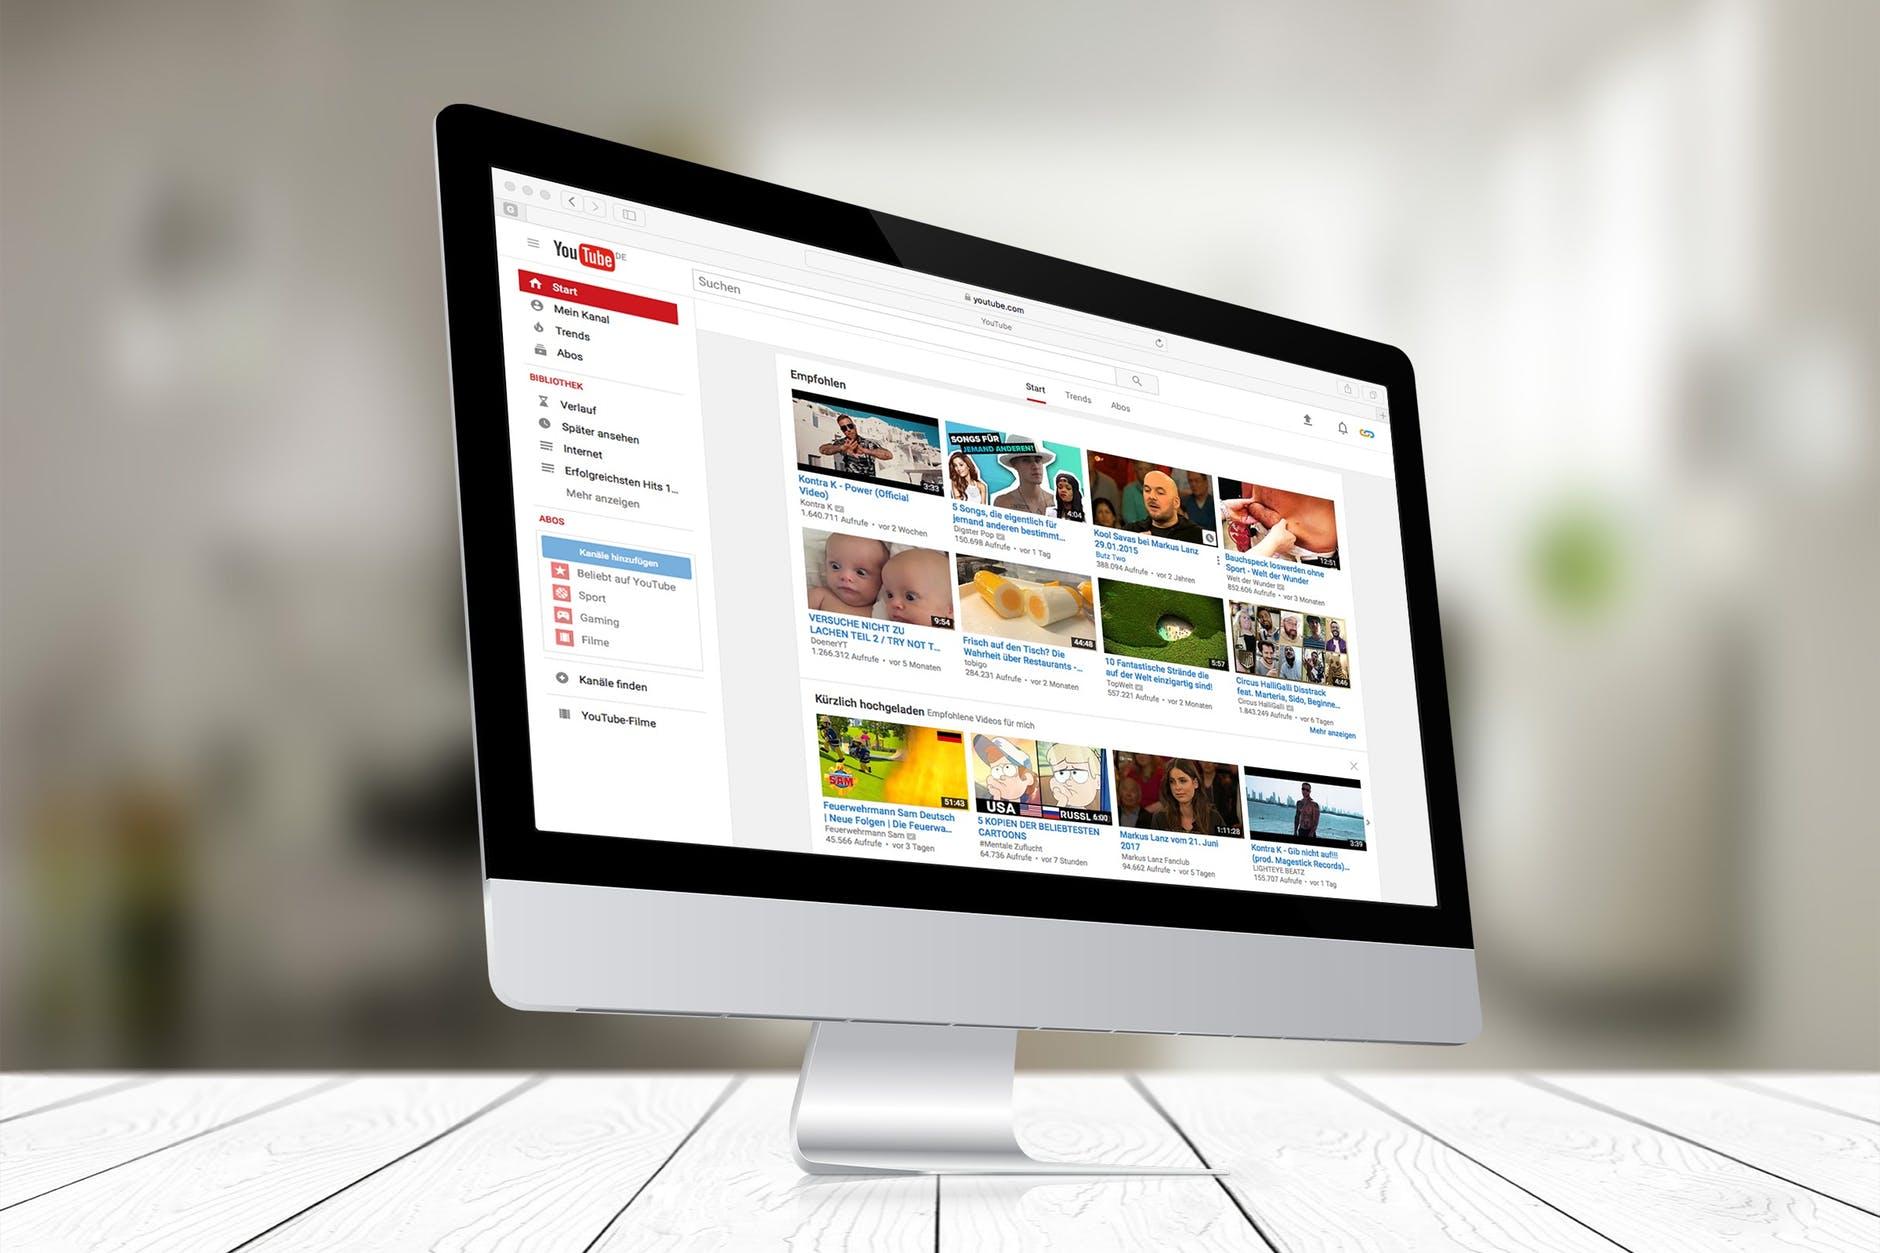 Russie : L'entreprise Yandex lance un service de vidéos pour rivaliser avec YouTube